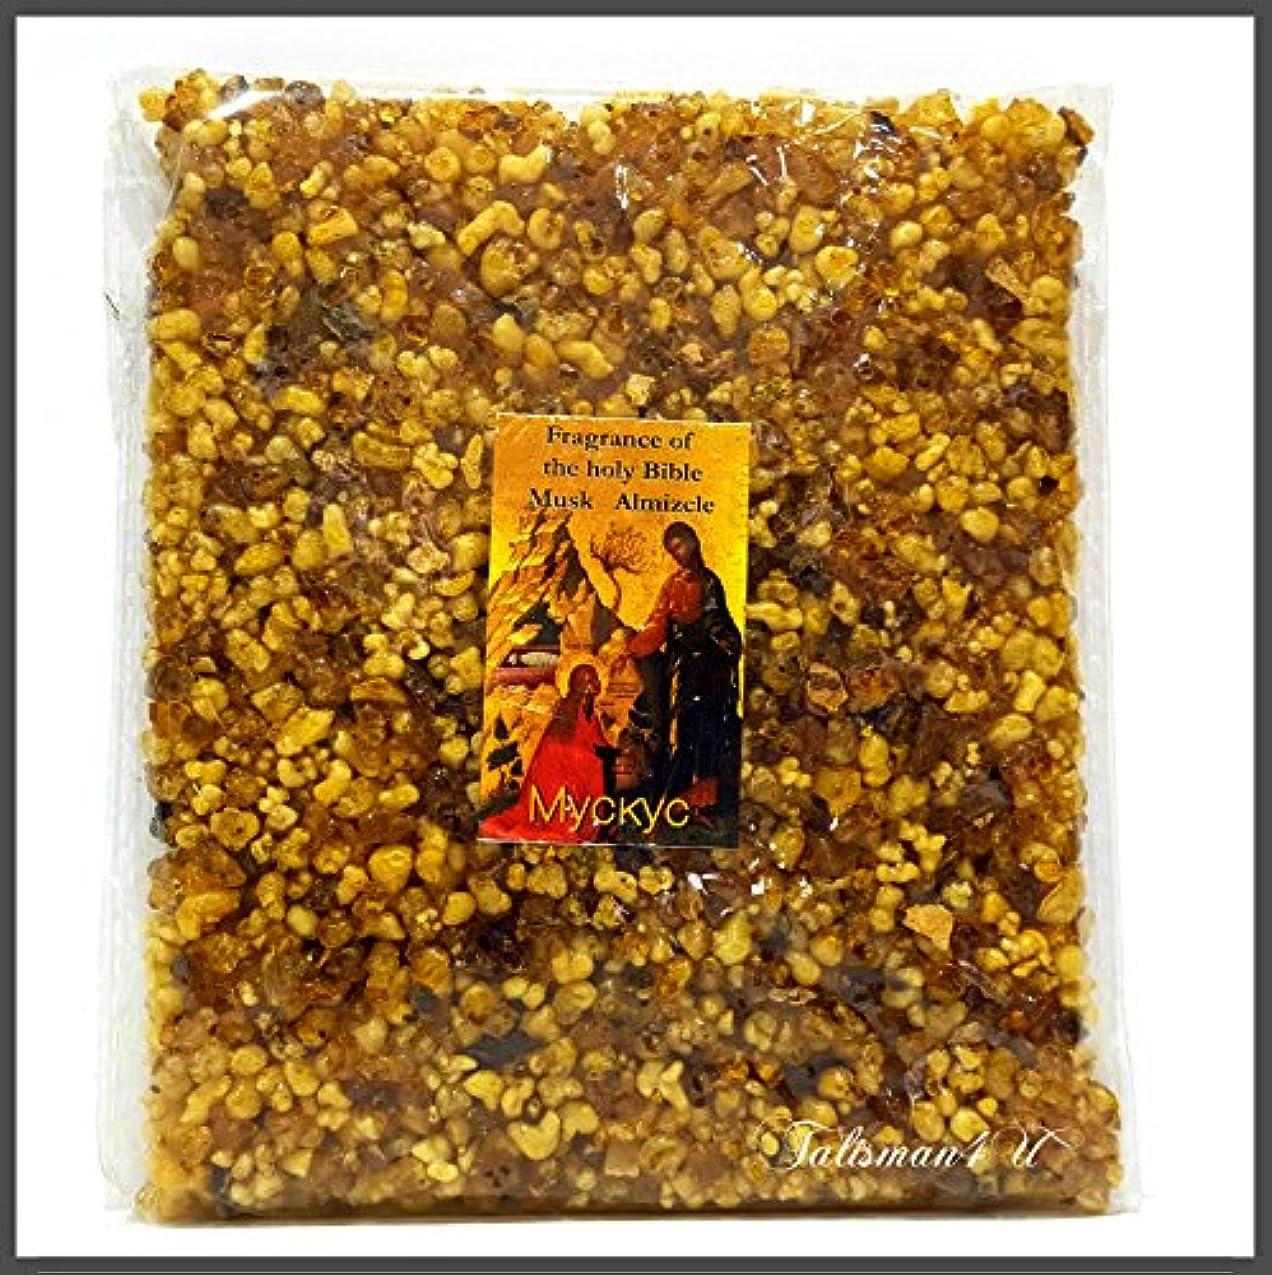 ボックス添加ひもムスクエルサレムIncense樹脂Aromatic Almizcle Frankincense of the Holy Land 3.5 Oz/100 g